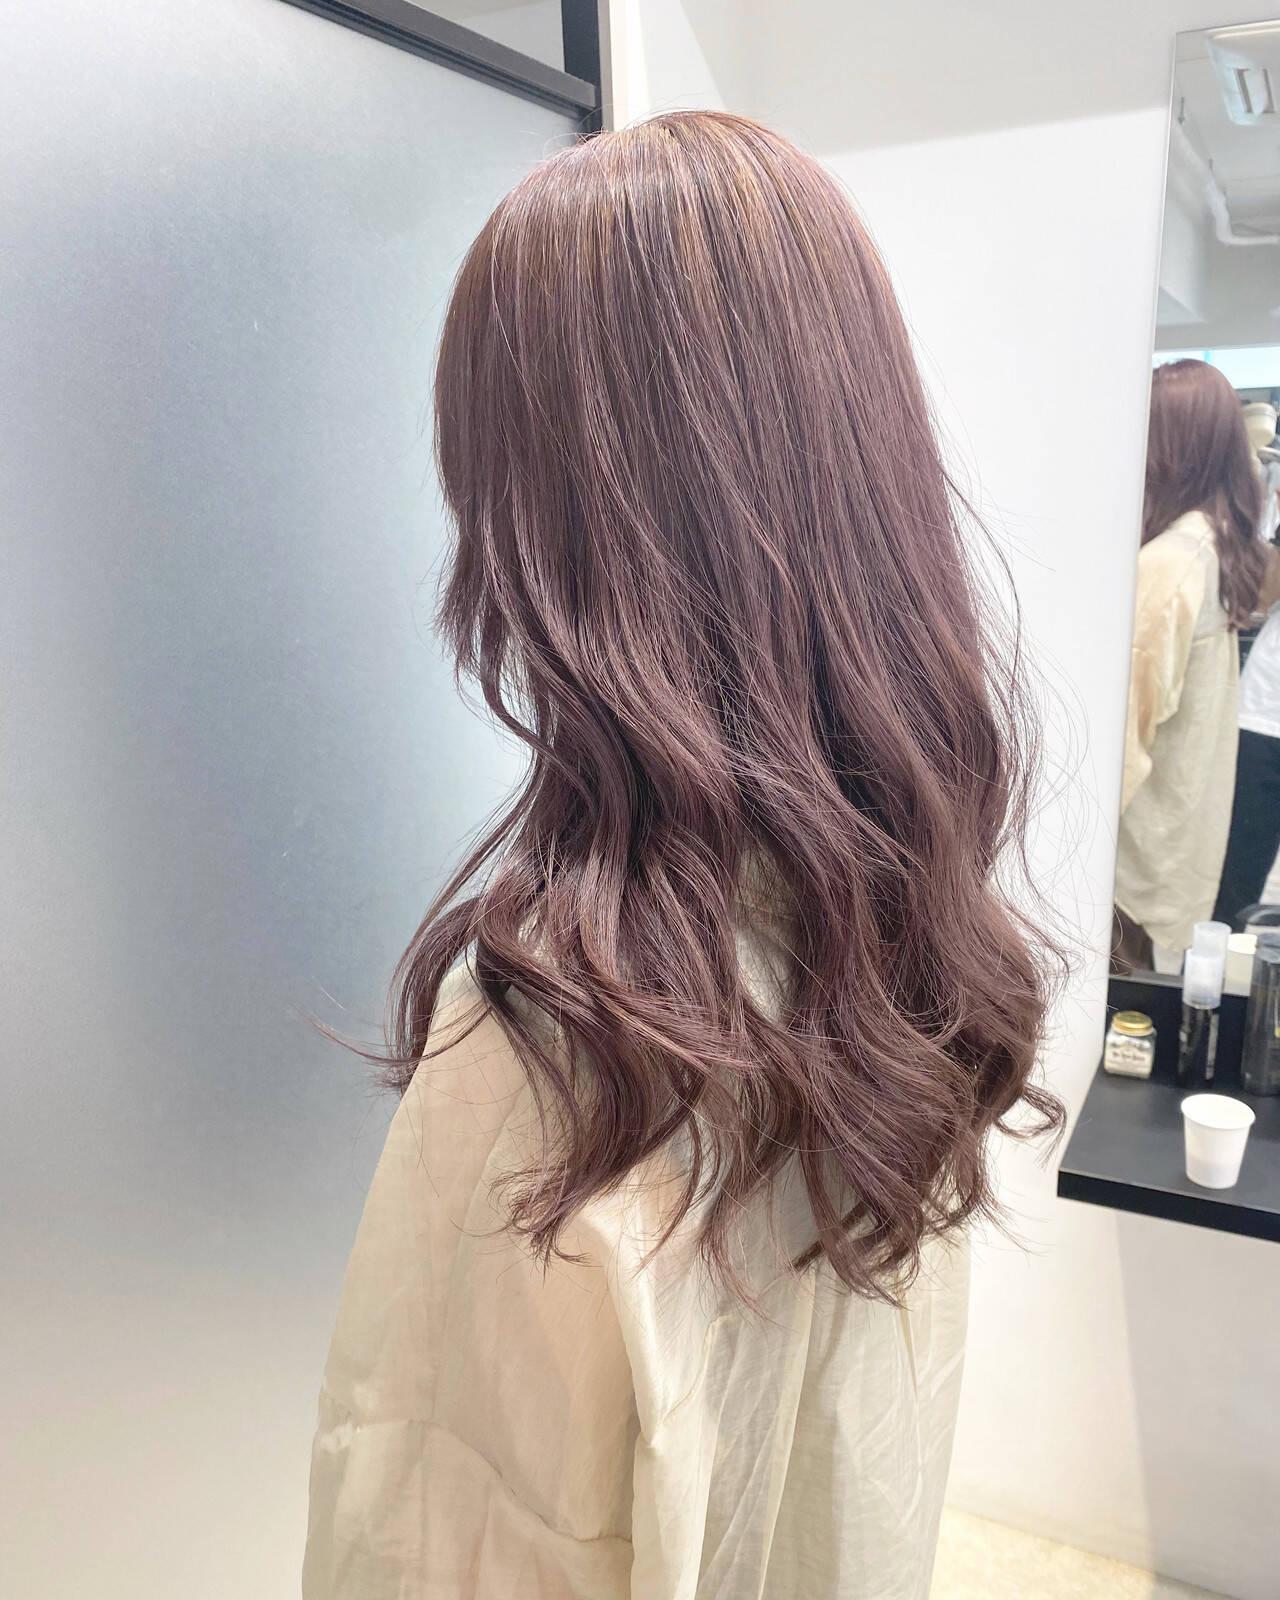 ダブルカラー インナーカラー ロング ピンクアッシュヘアスタイルや髪型の写真・画像